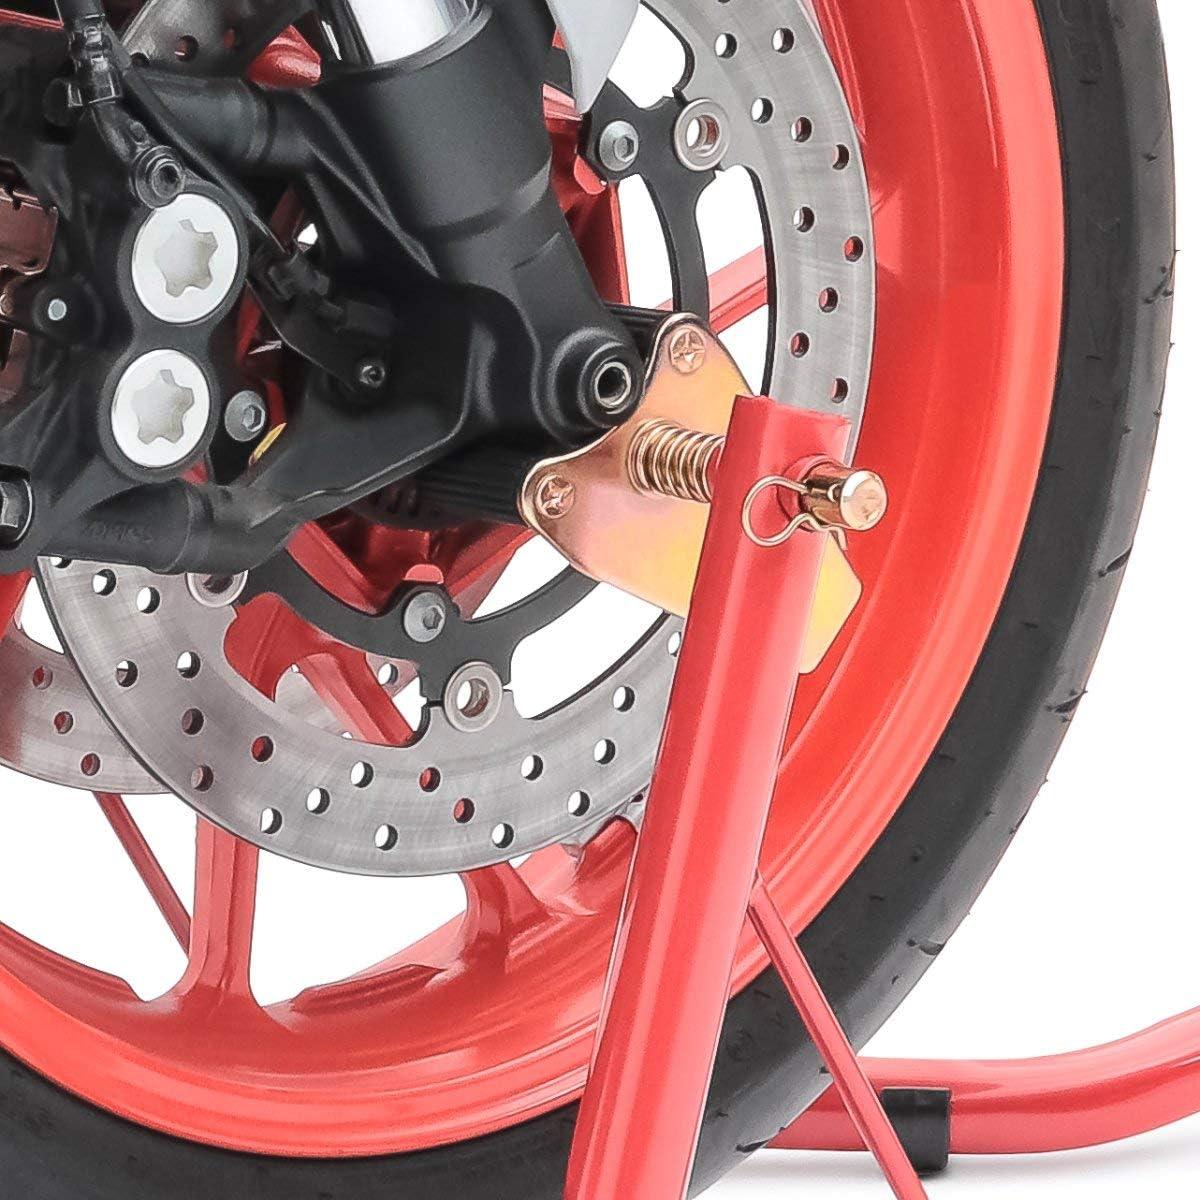 S CS rot Montagest/änder hinten vorne f/ür Indian FTR 1200